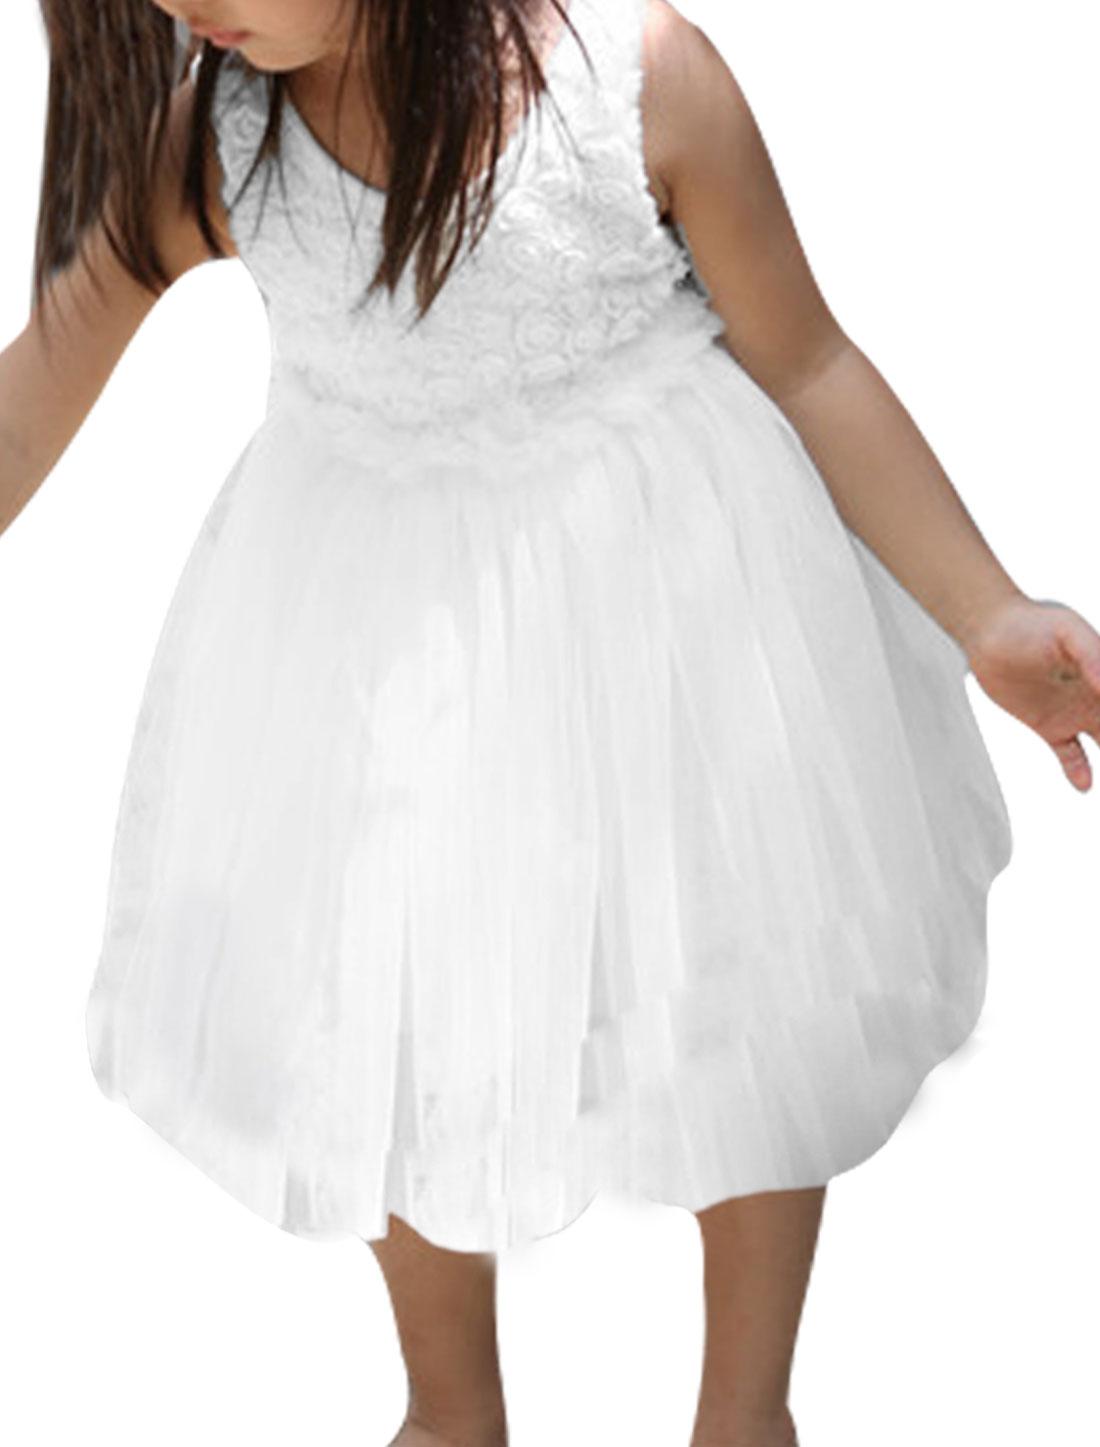 Girl Sleeveless Floral Design Mesh Panel Pleated Dress White 4T